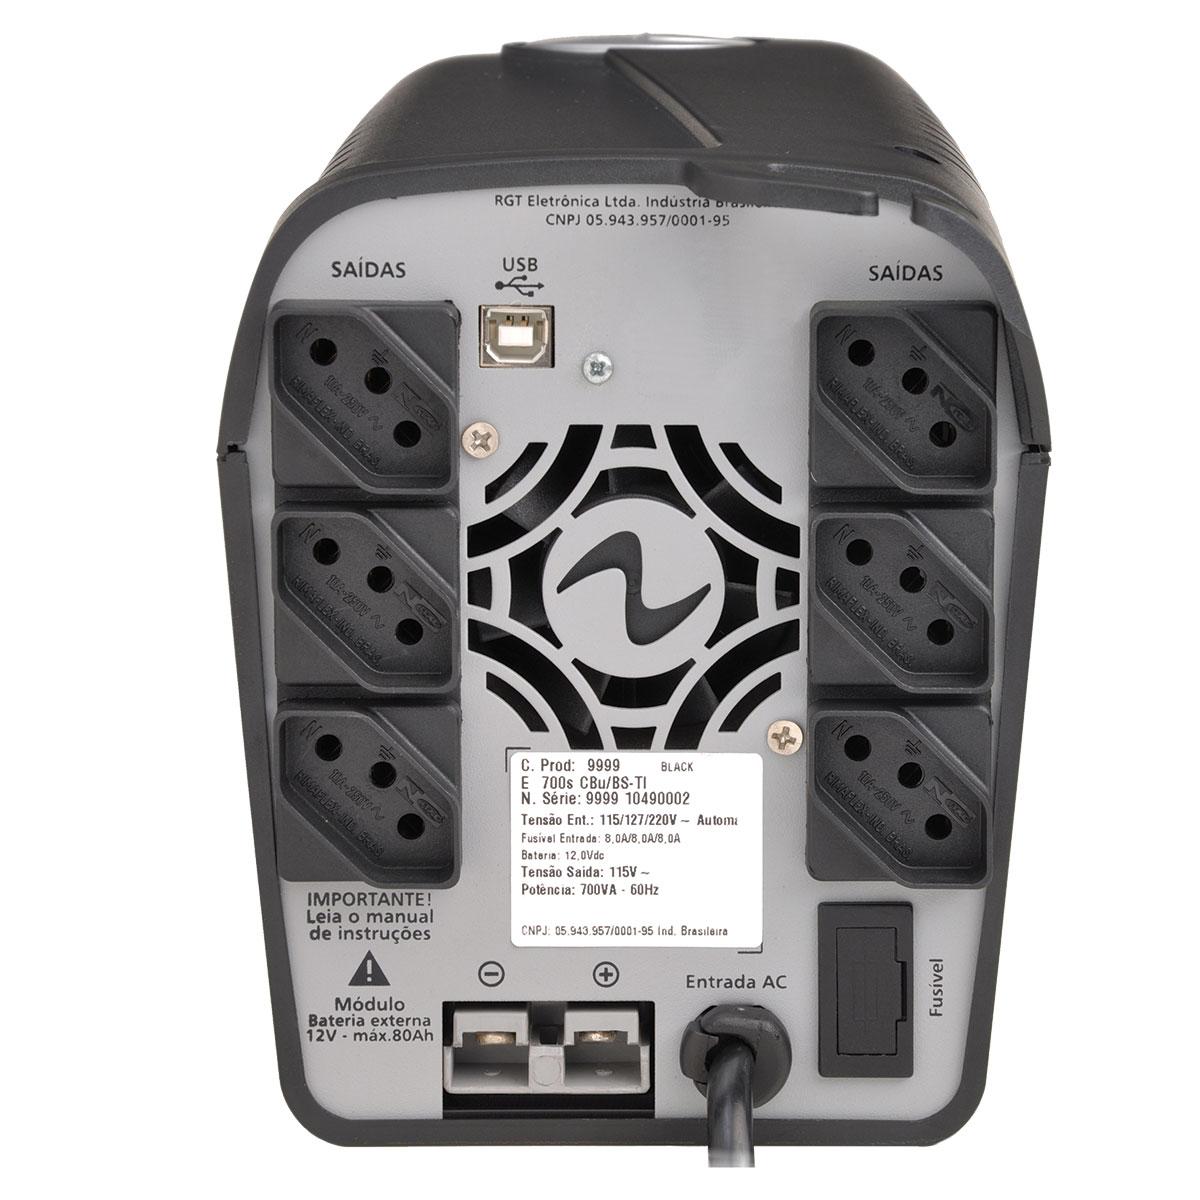 NOBREAK NEW EASY WAY 1400VA COM USB E CONEXÃO P/ BATERIA EXTERNA TRIVOLT SAÍDA 115V 4154